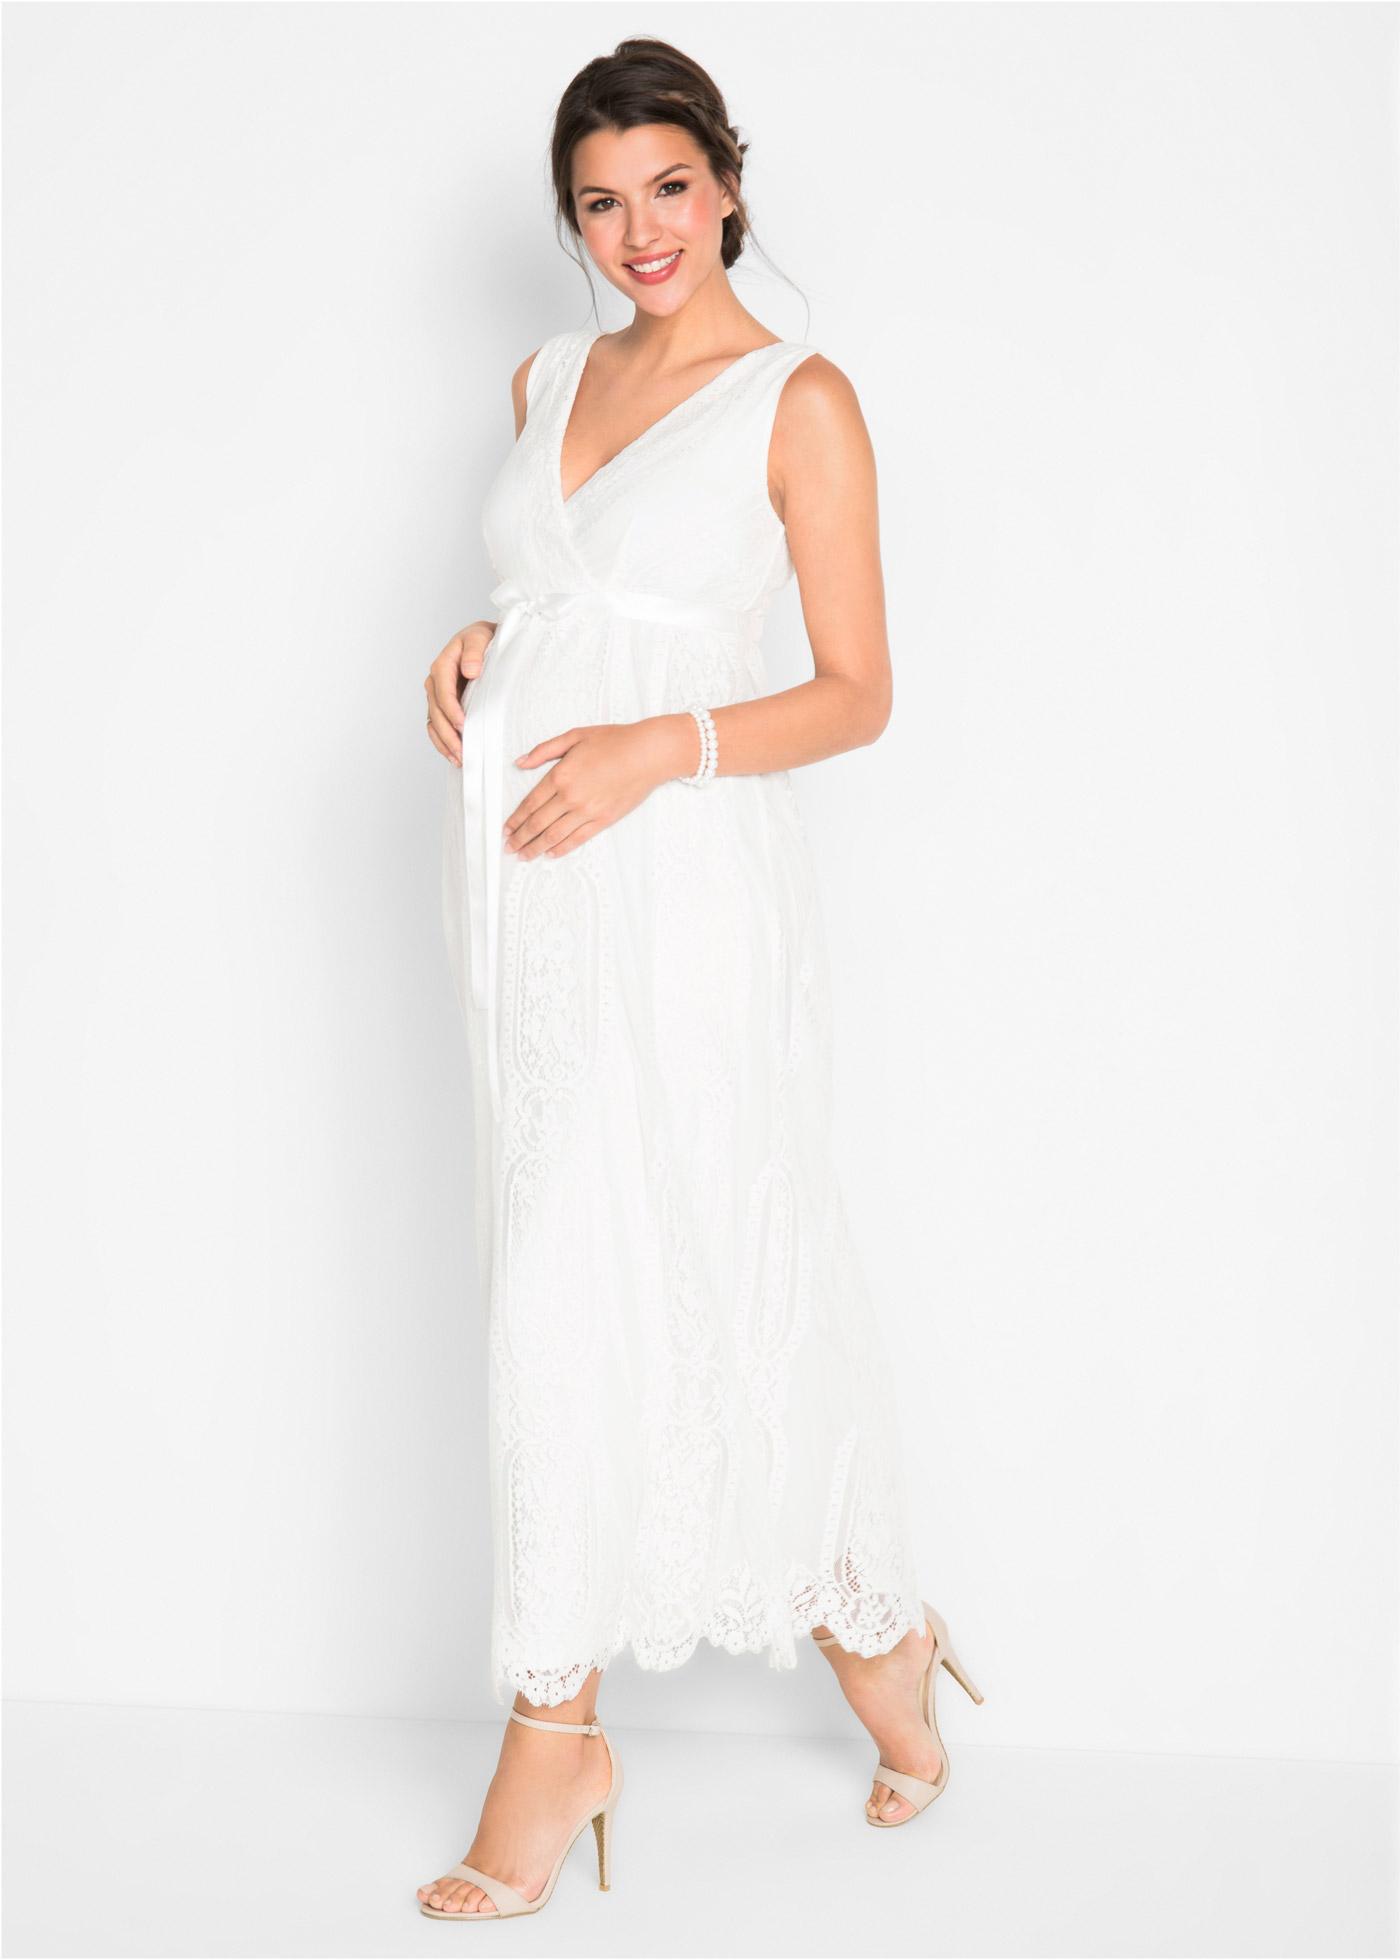 zwangerschaps bruidsjurk in wit uit de collectie van bonprix